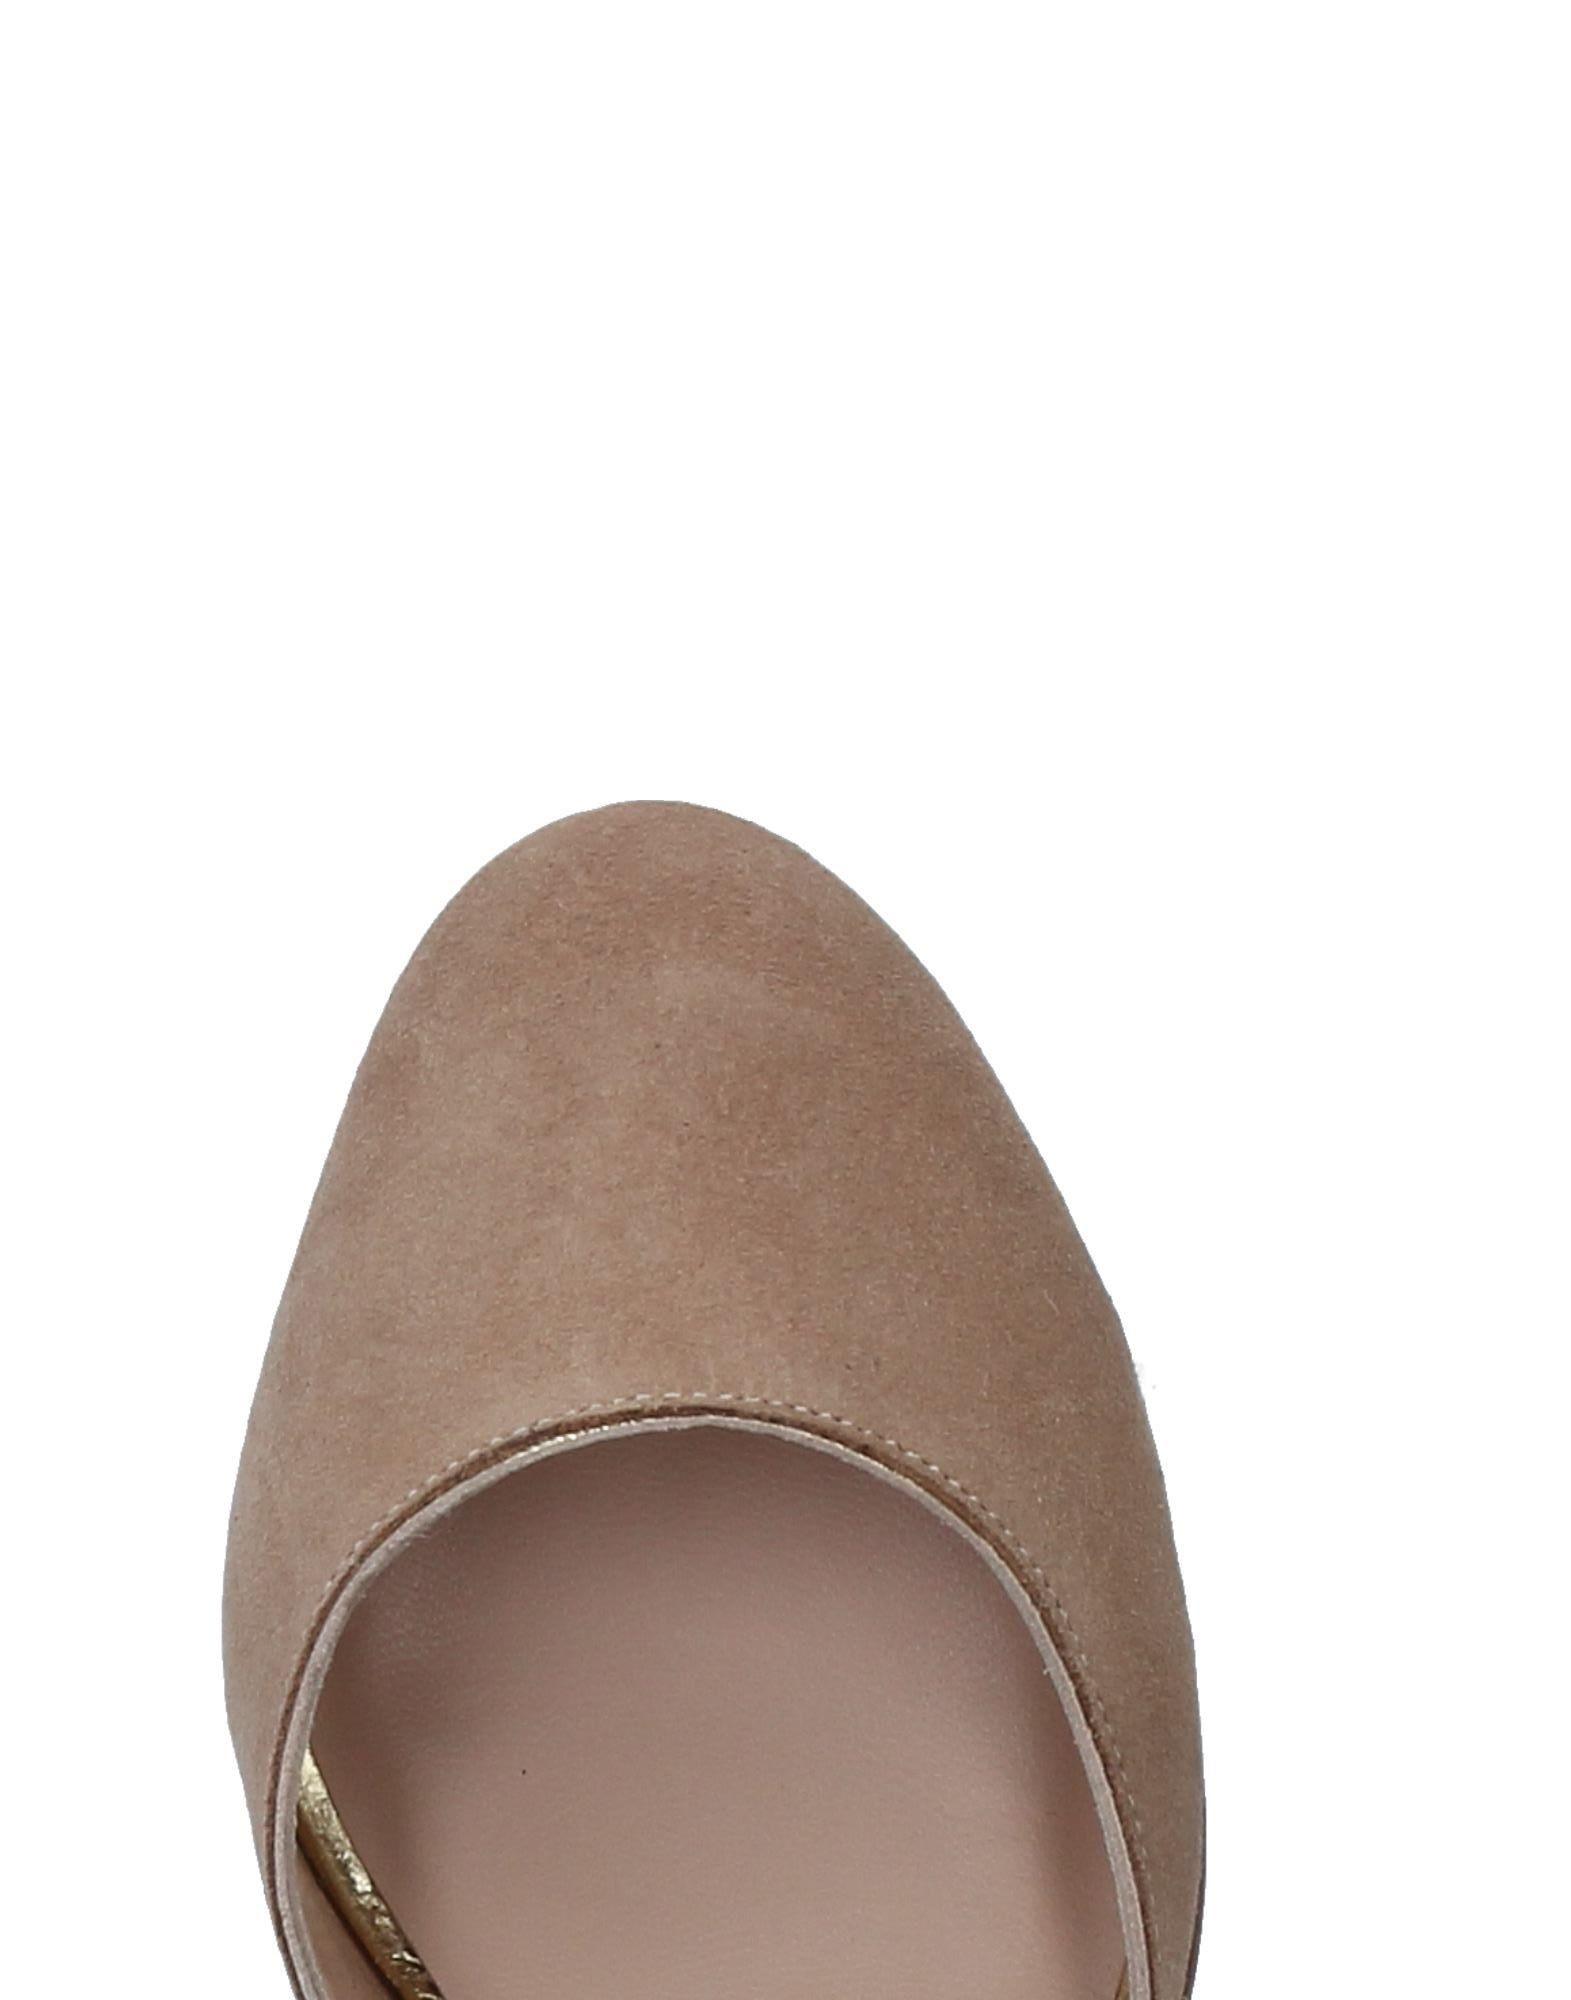 Gut um Pepe billige Schuhe zu tragenPatrizia Pepe um Pumps Damen  11329809WP 79cf18